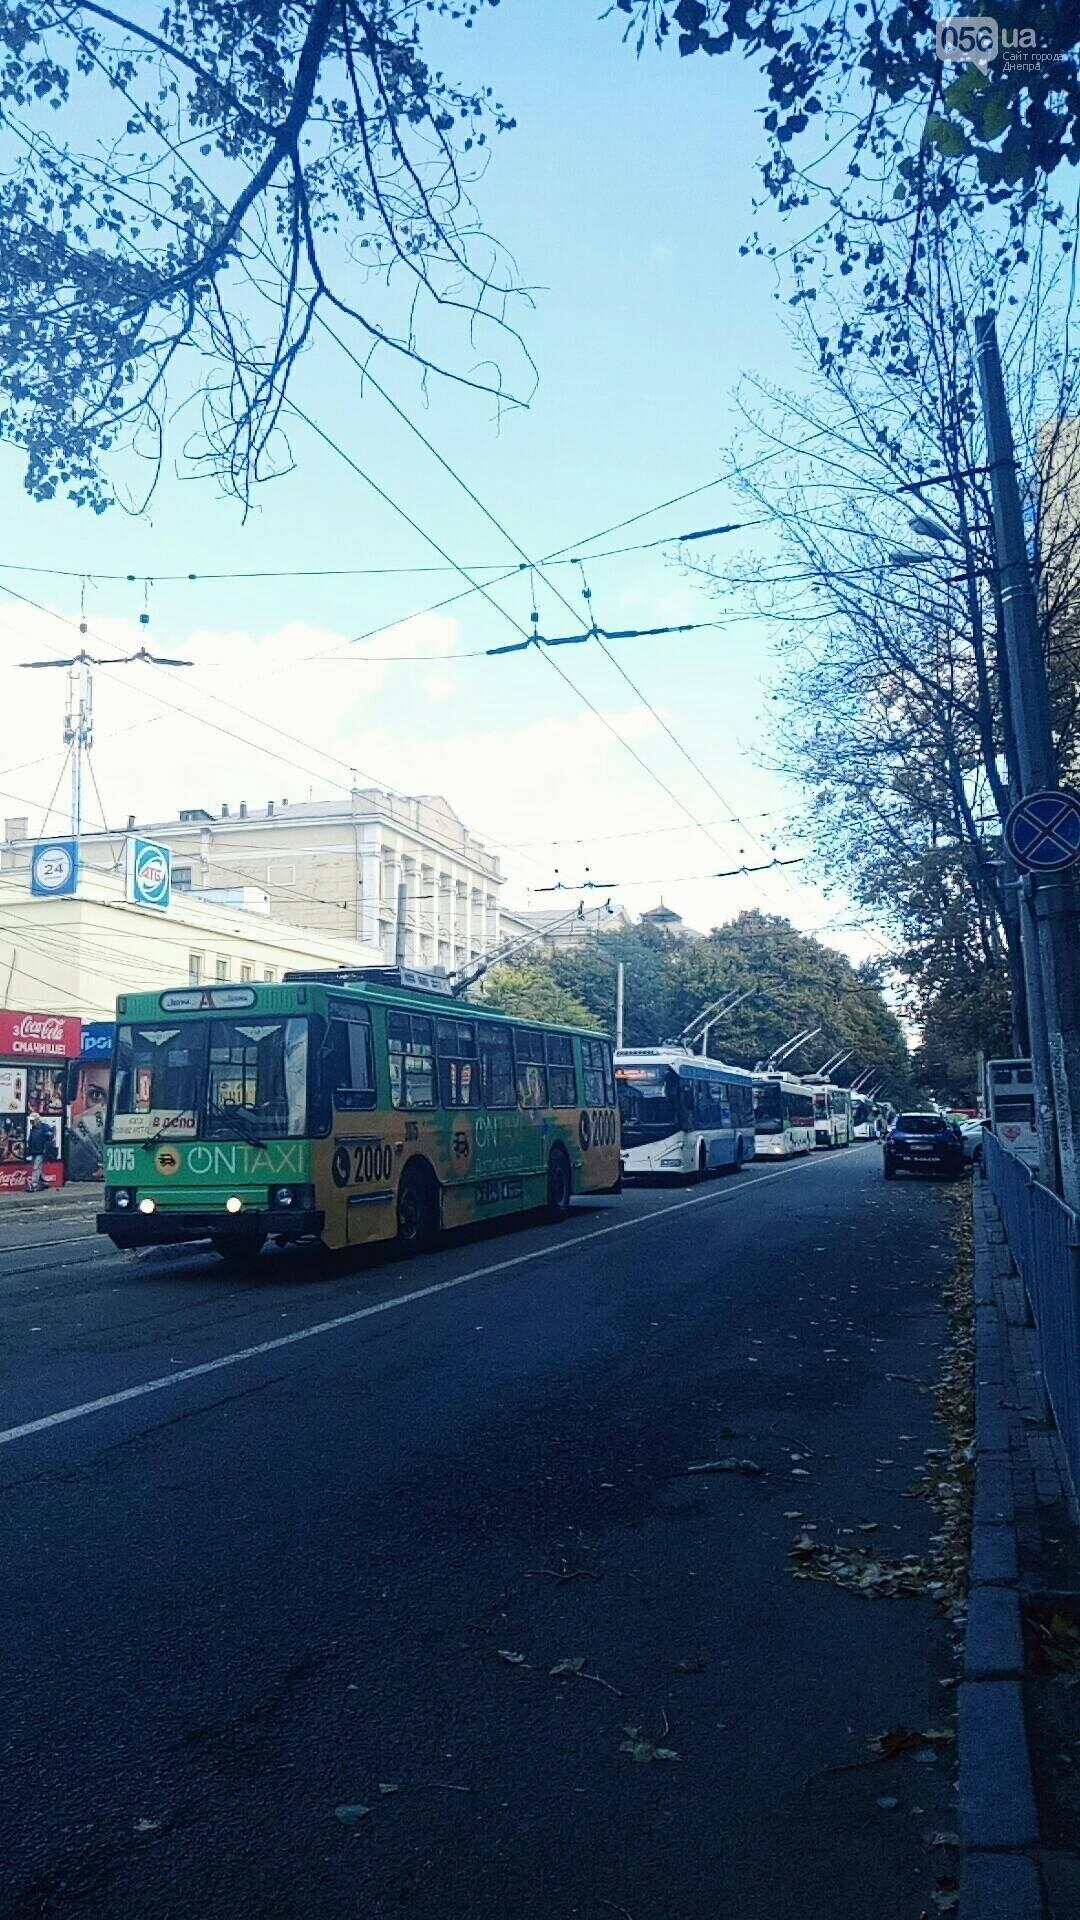 В Днепре трамвай въехал в авто: образовалась пробка из троллейбусов, - ФОТО, фото-2